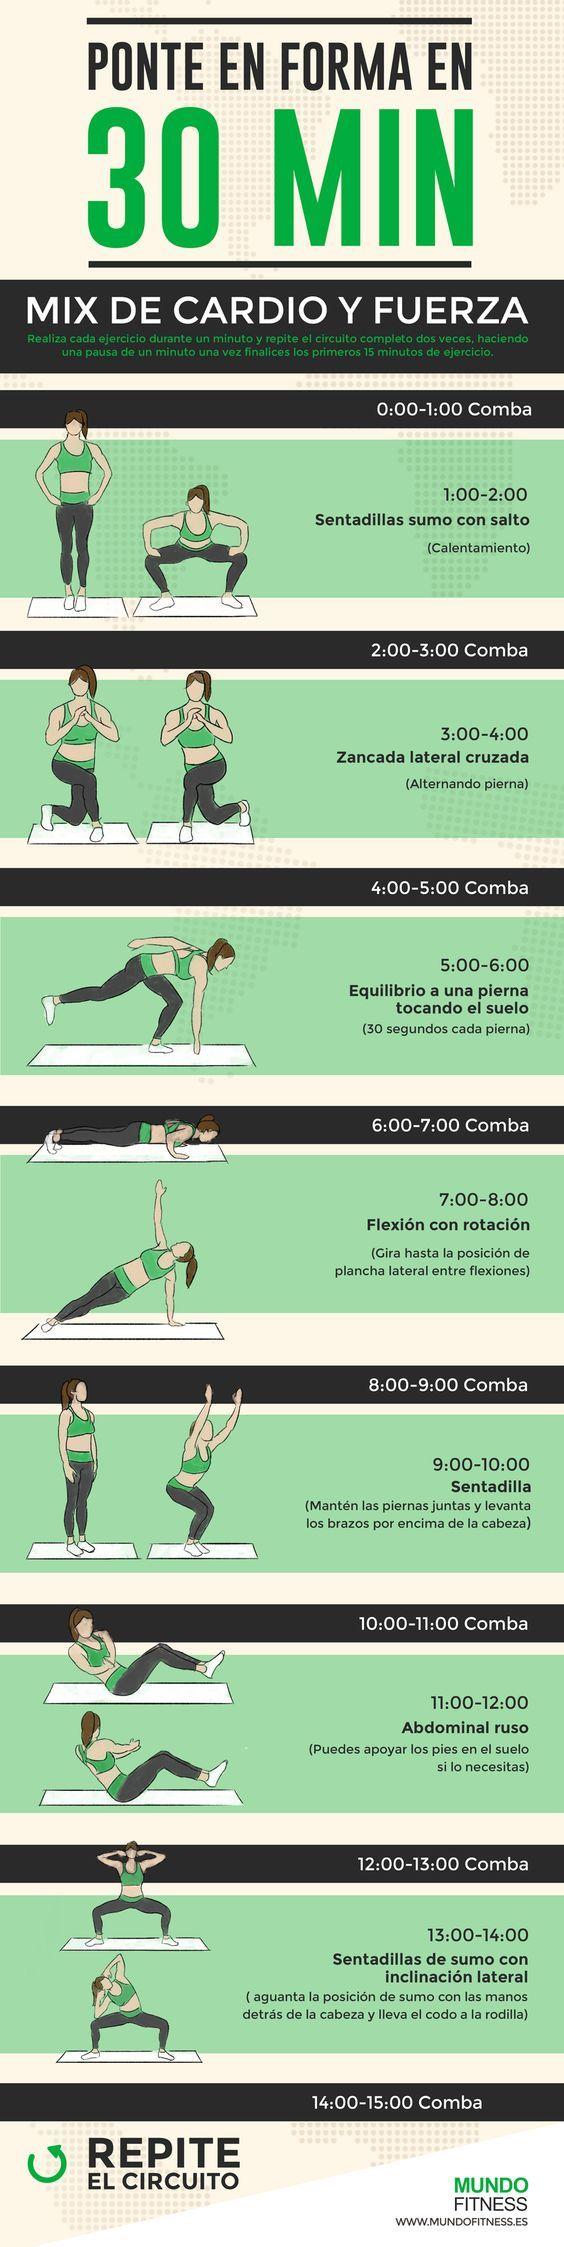 Sesión de 30 minutos rápida ponerse en forma con ejercicios de cardio y fuerza.